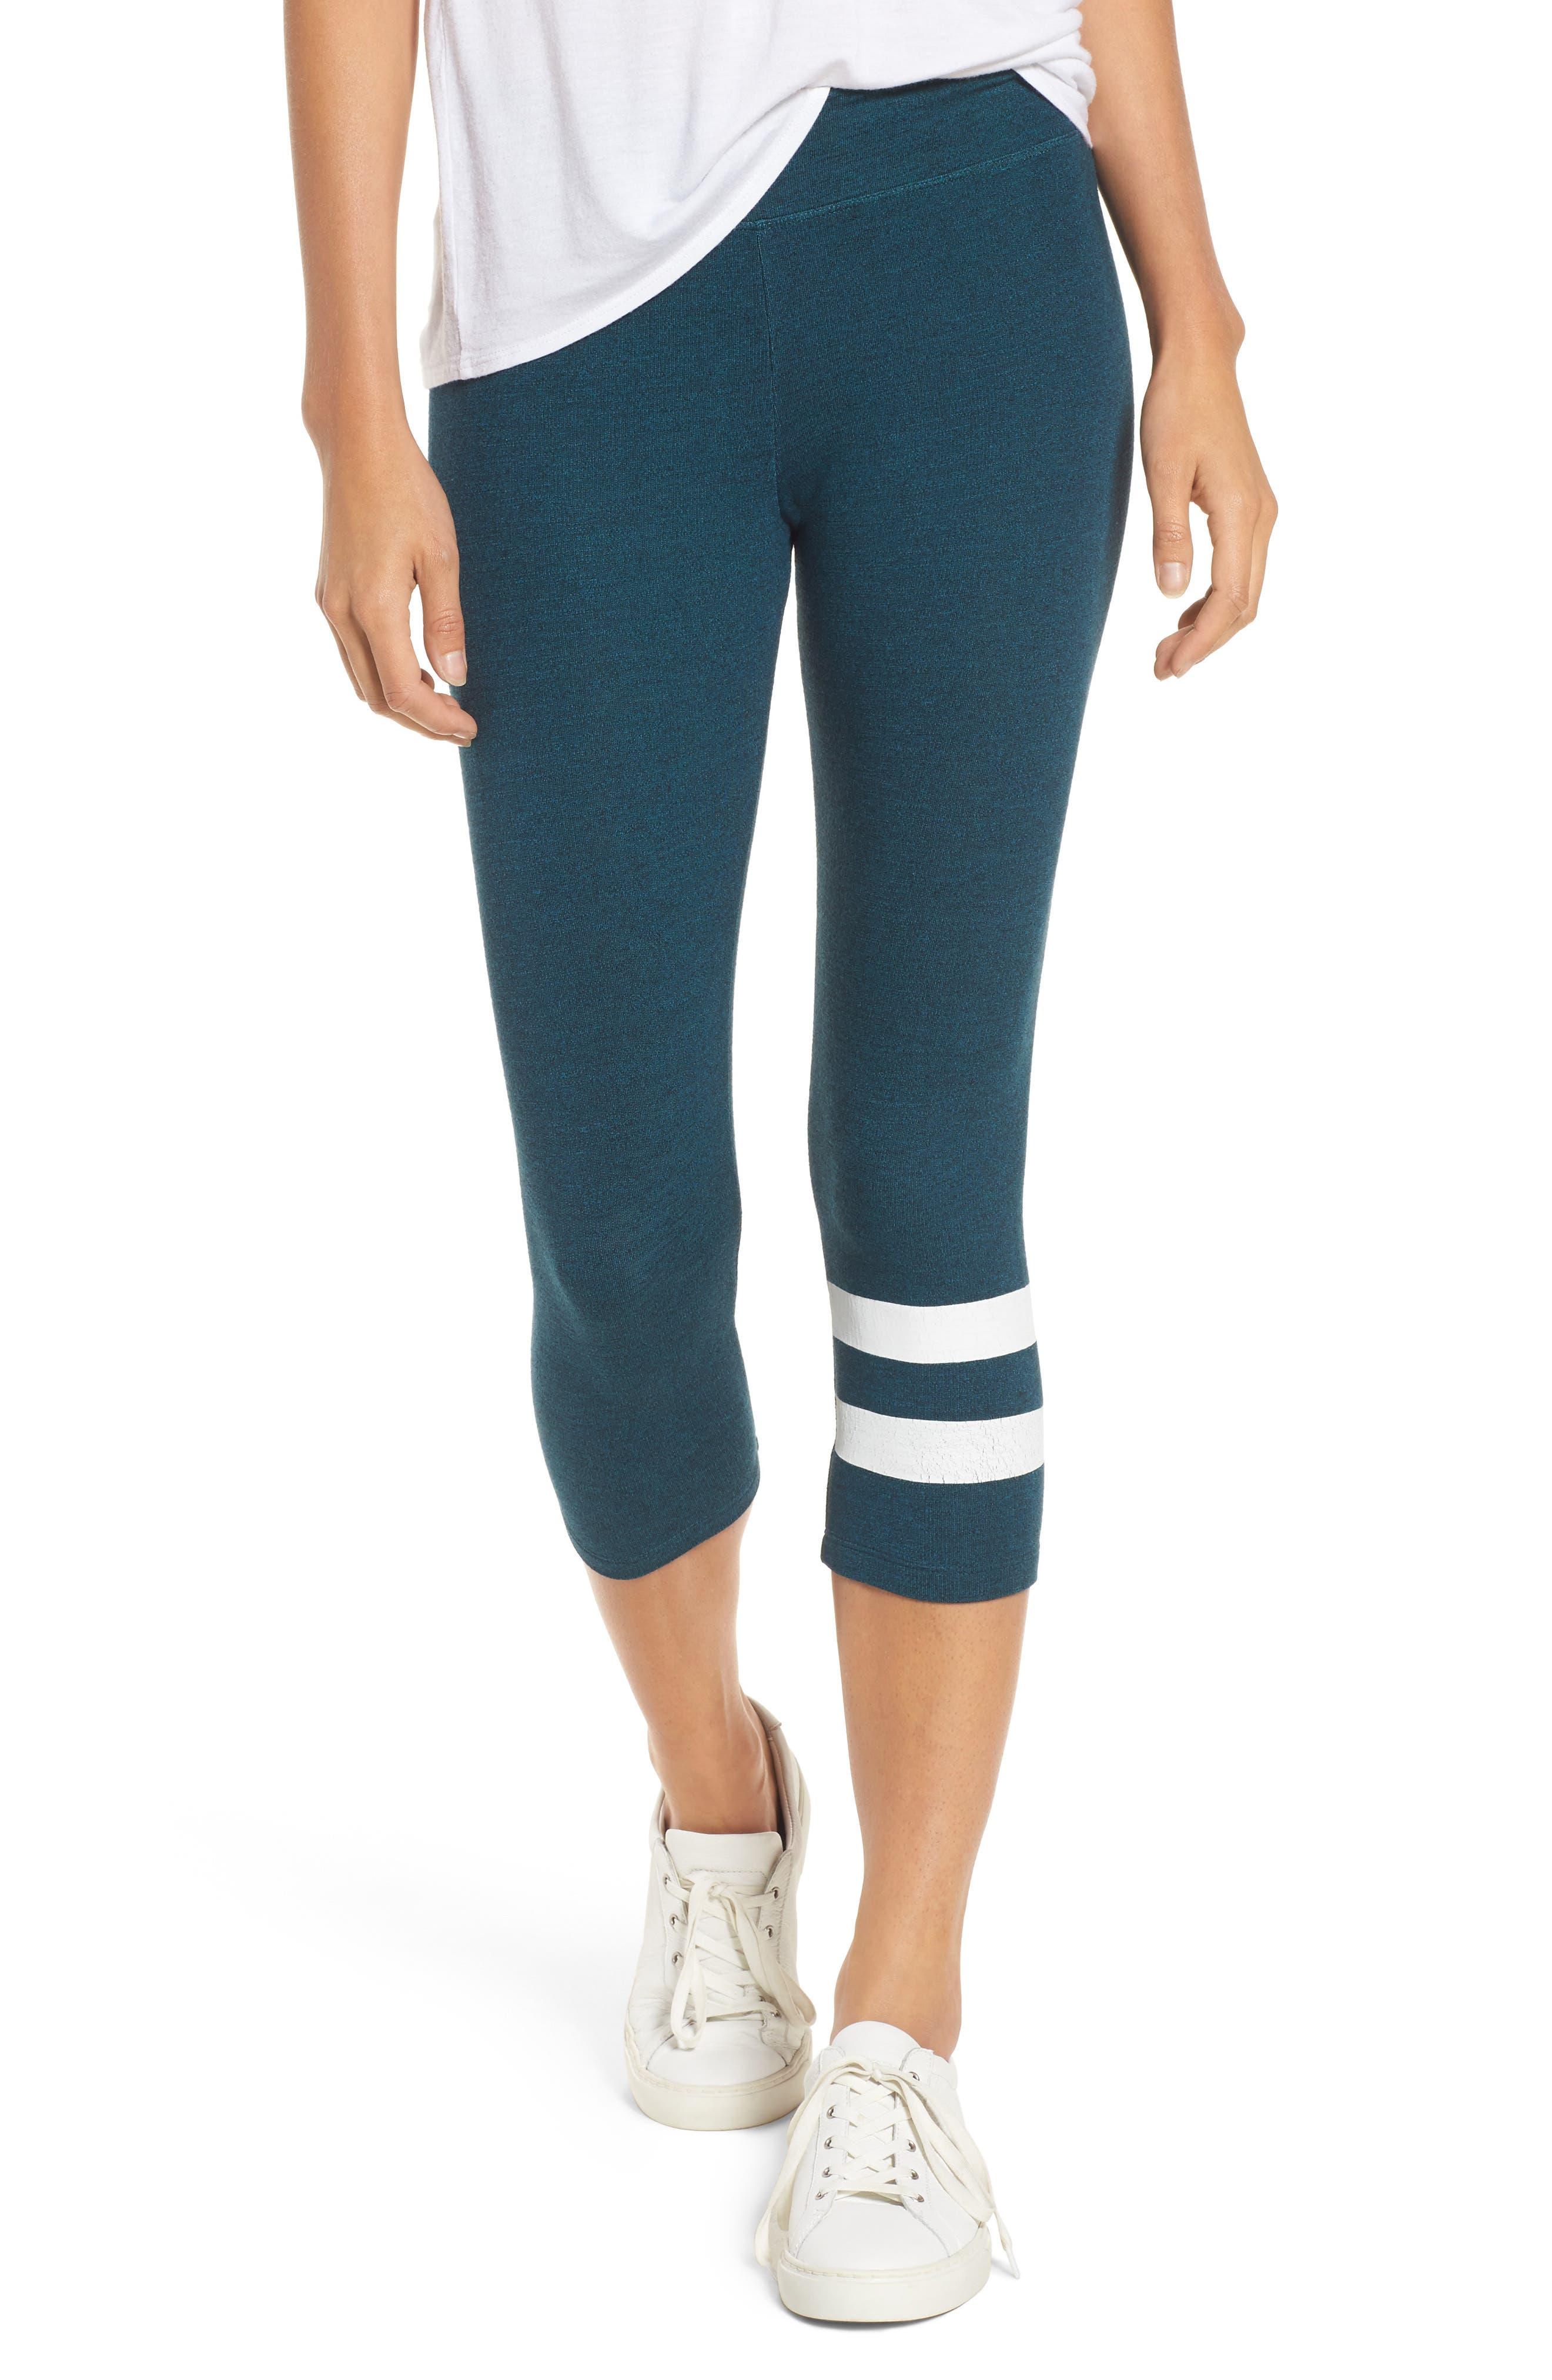 Stripe Capri Leggings,                         Main,                         color, Teal